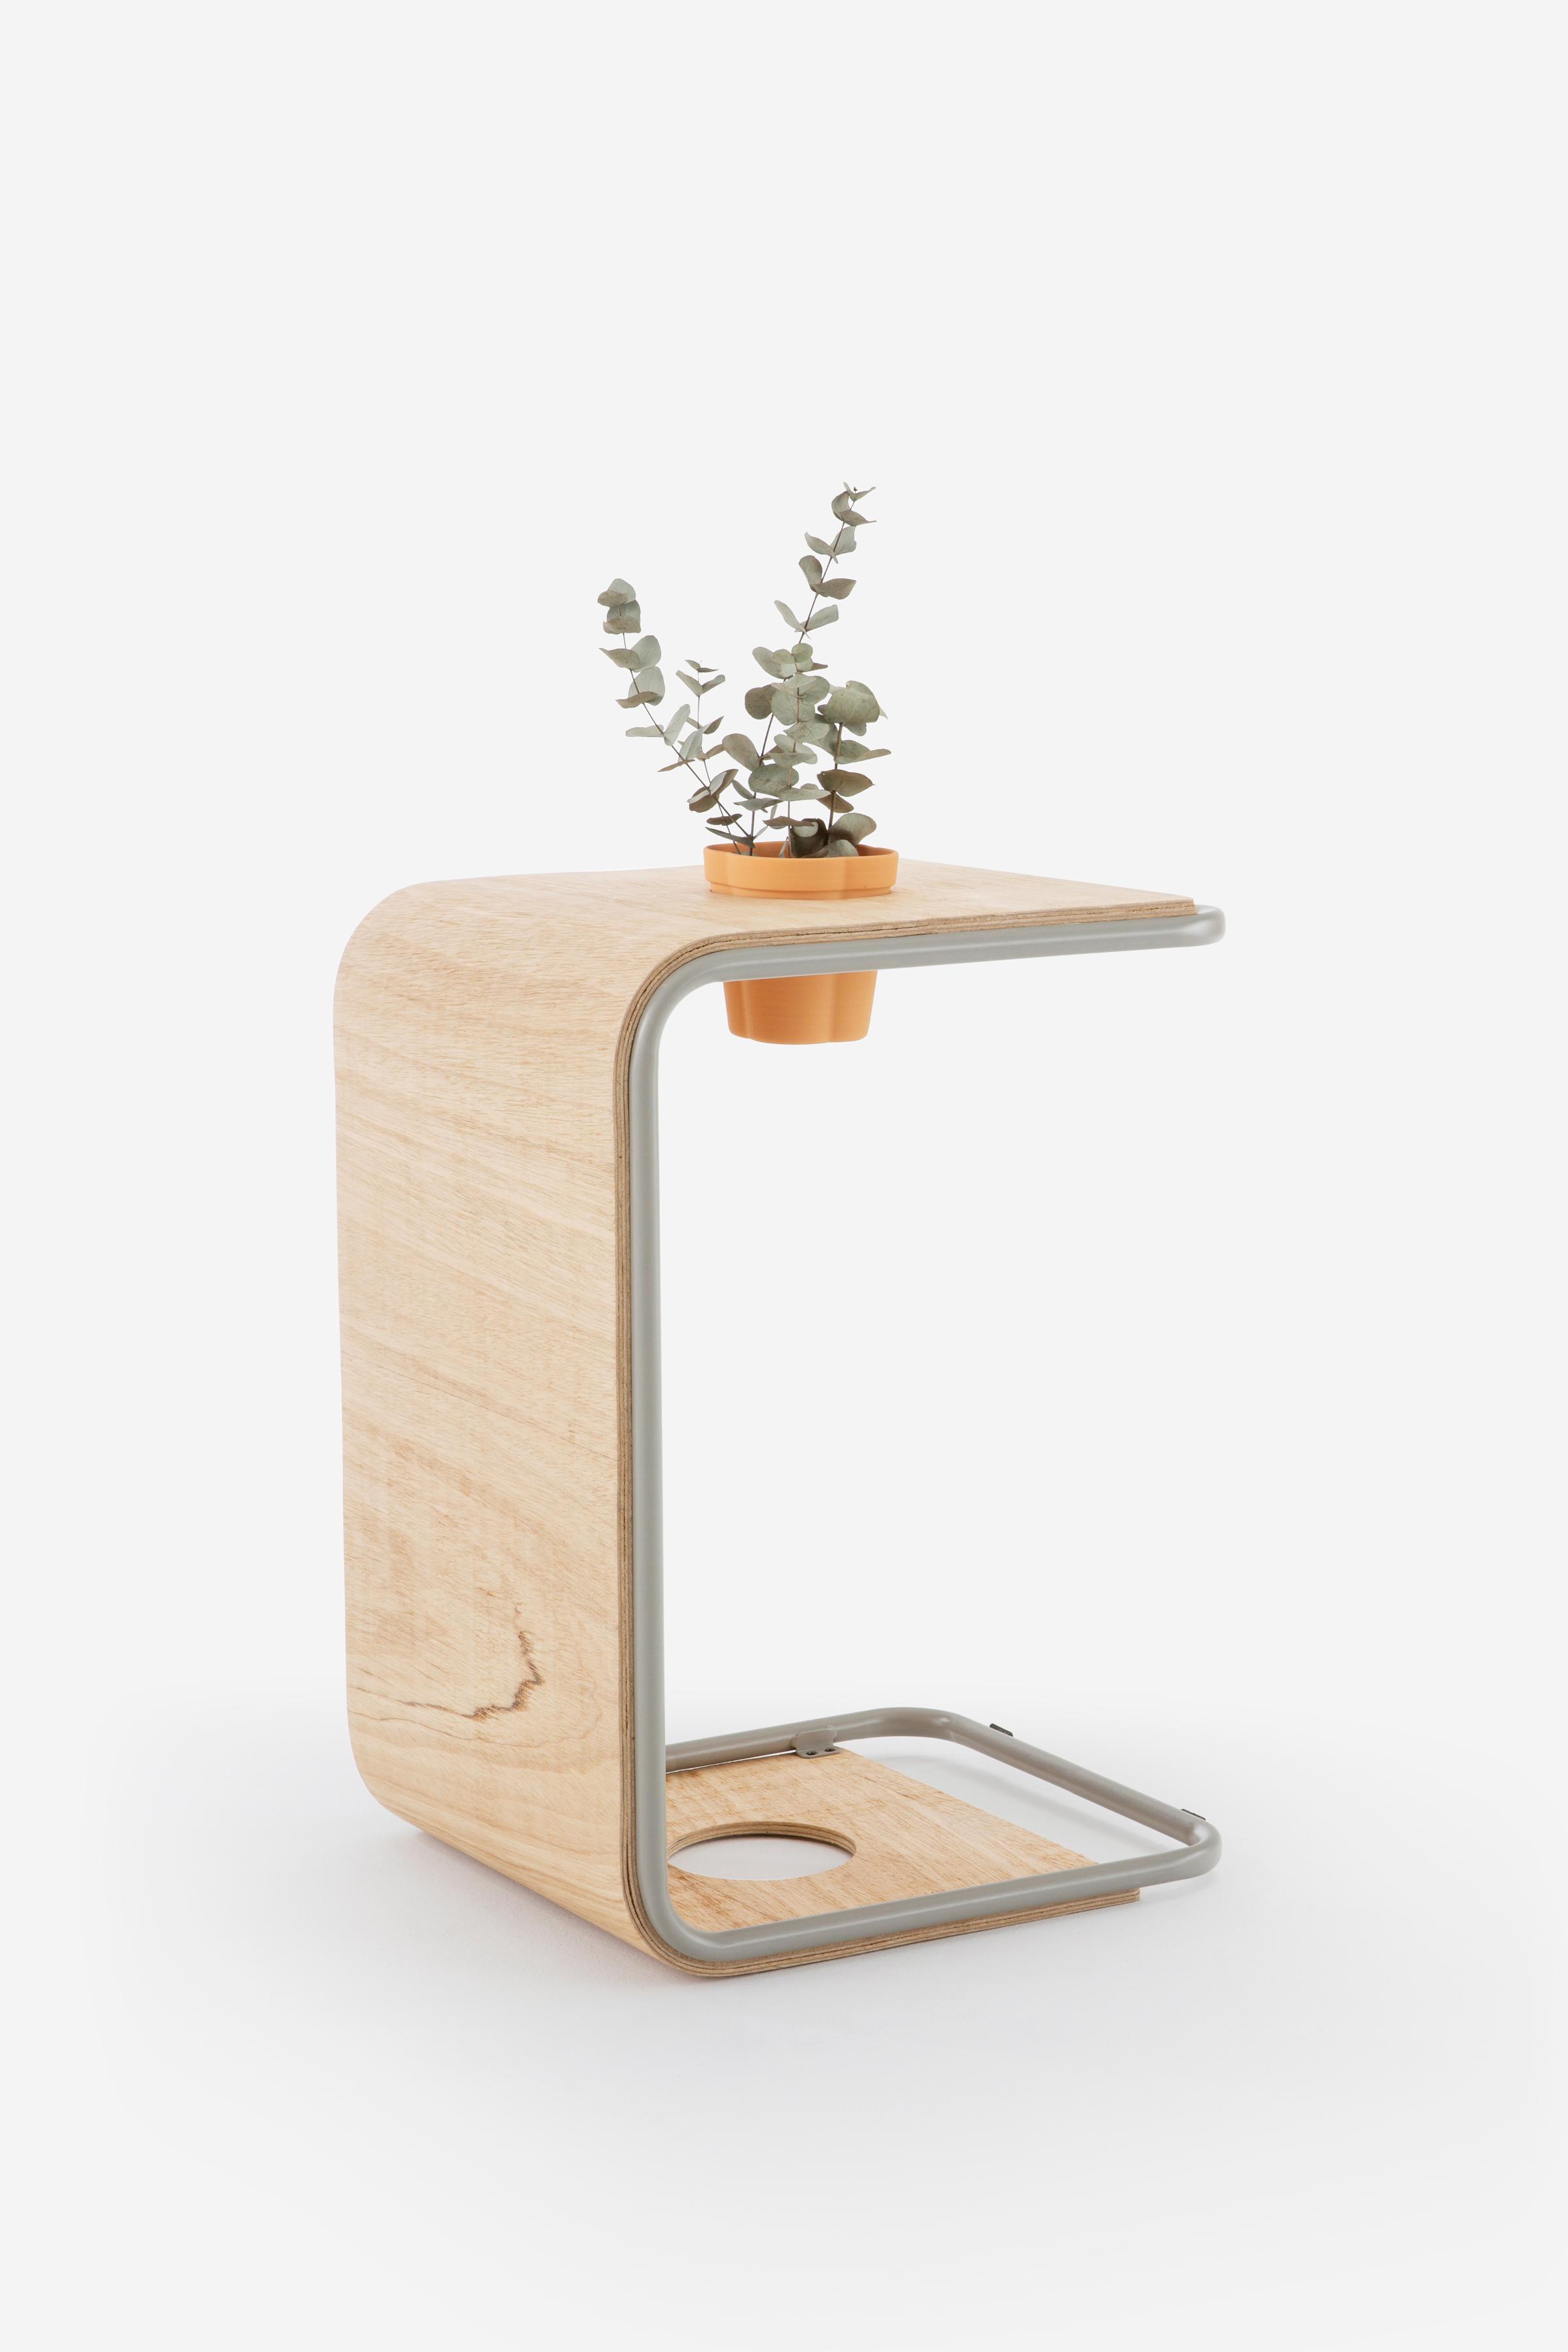 O banco pode ser usado como mesa de apoio para trabalhar do sofá ou como banco em qualquer espaço. Foto: Abruzzo Studio.